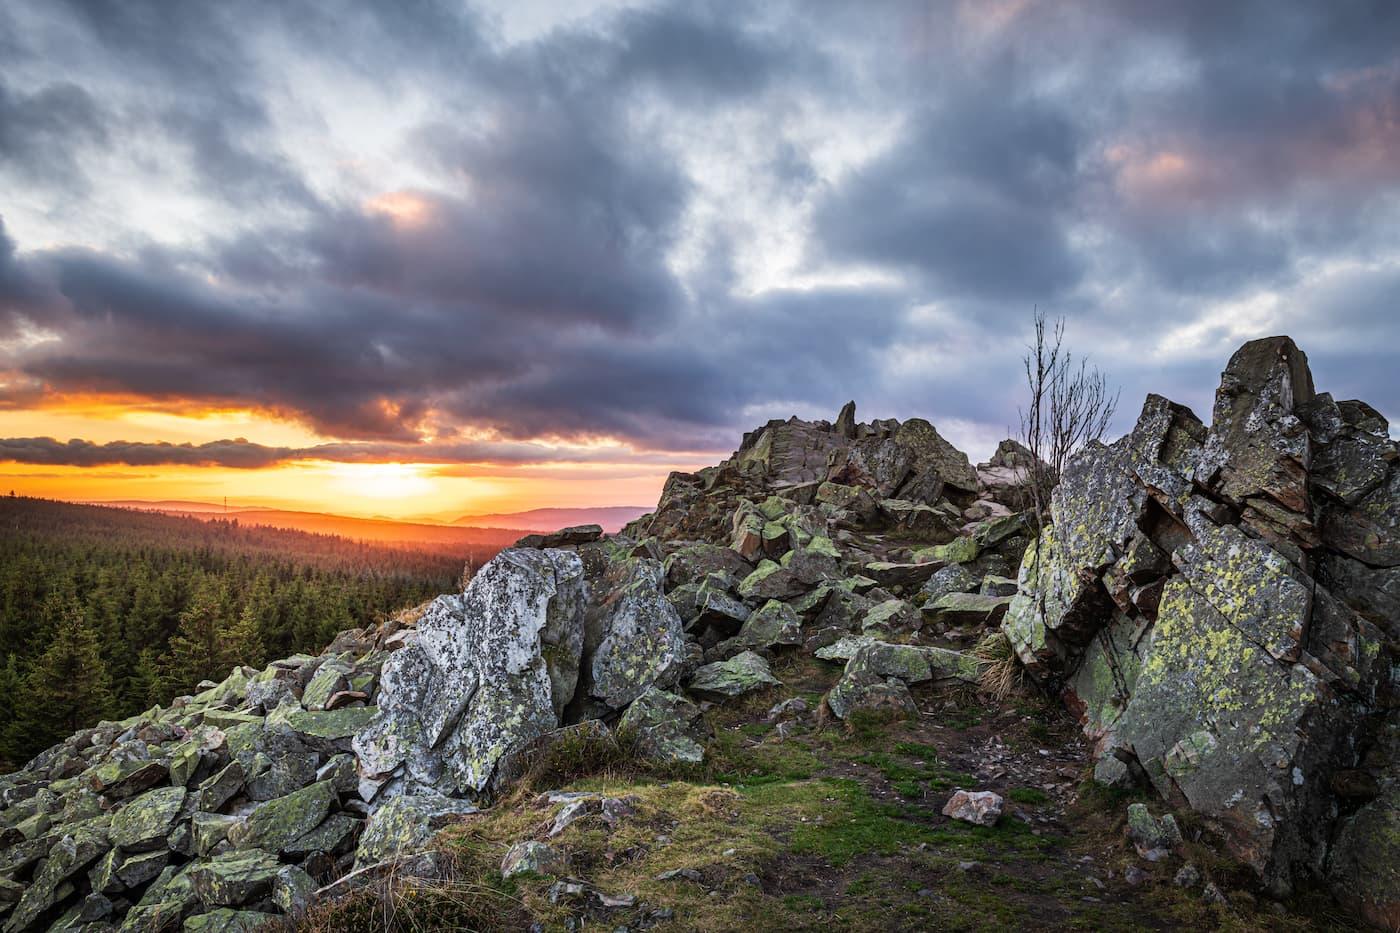 Felsformation auf einem Berg im Harz in Niedersachsen während des Sonnenuntergangs.